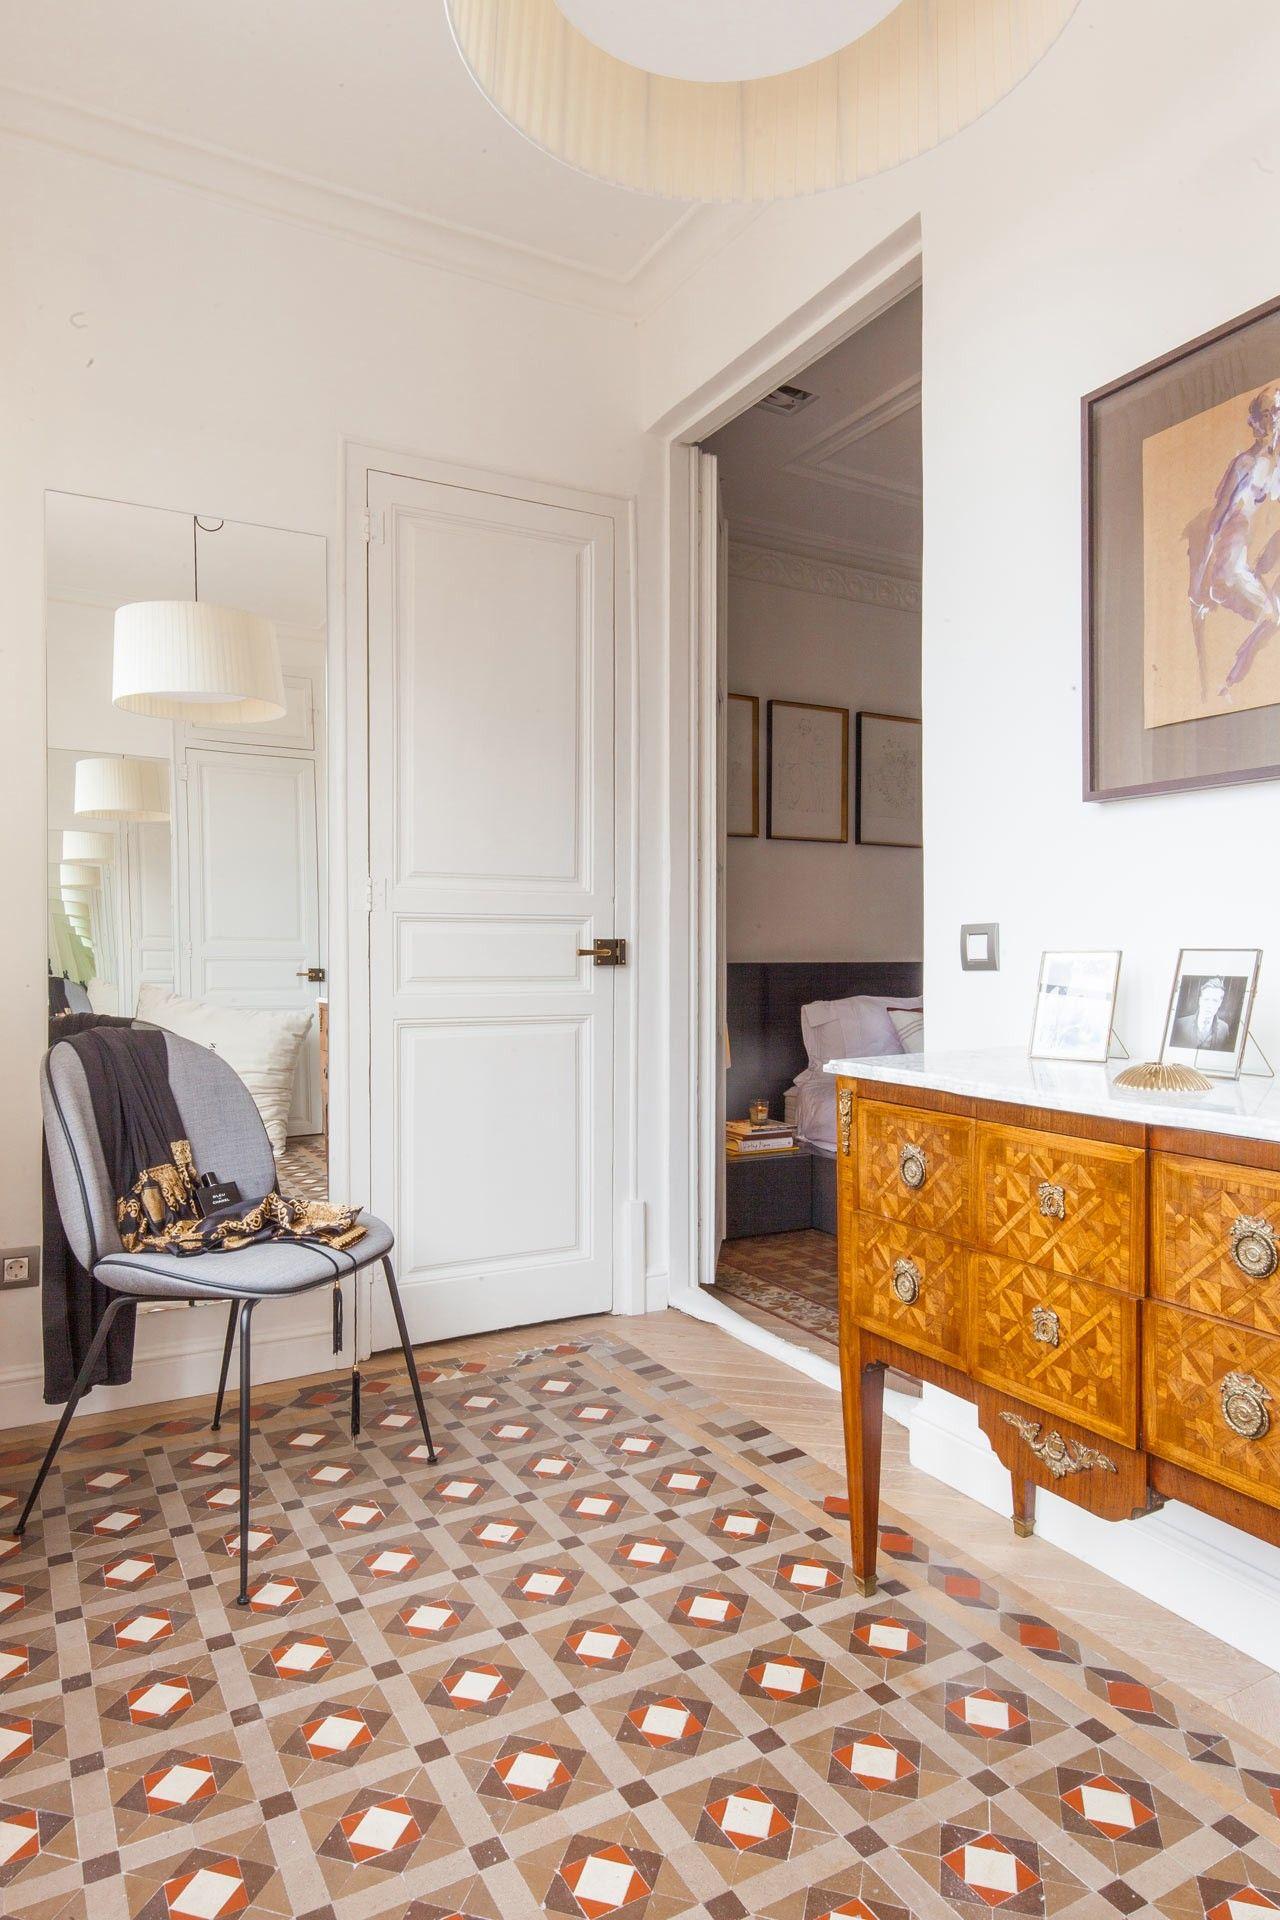 Aribau Appartement, Rénovation De 163 M2 à Barcelone Par YLAB